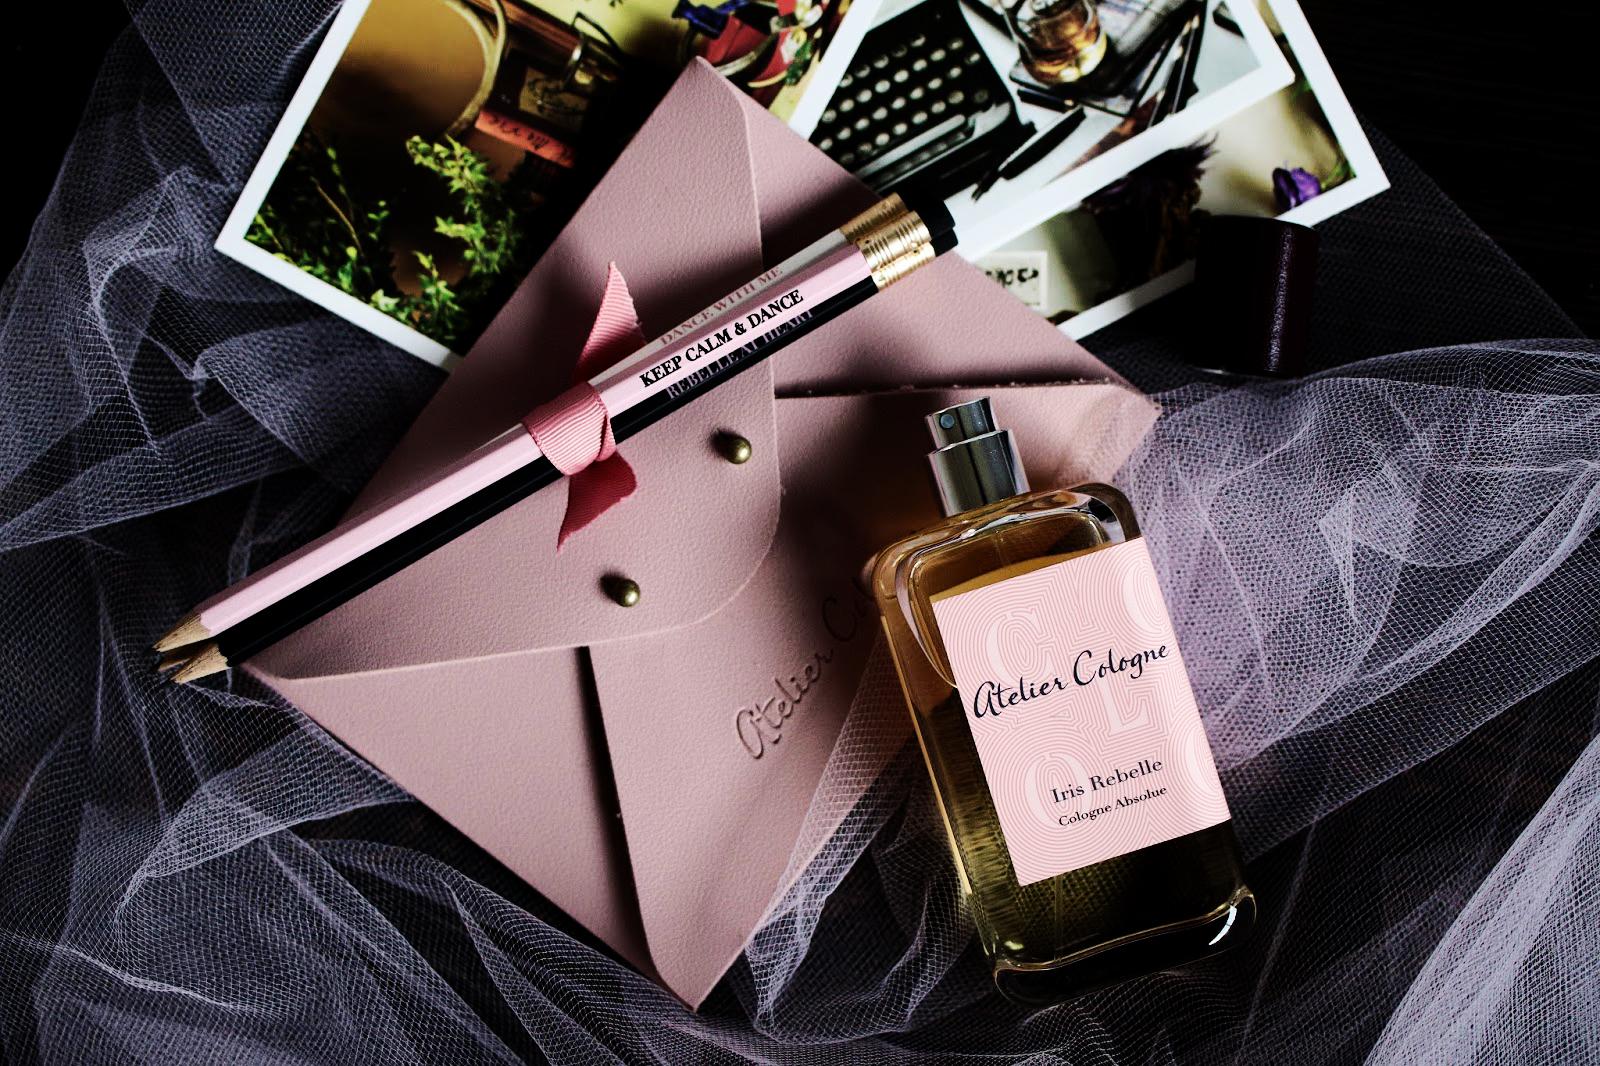 atelier cologne iris rebelle parfum avis test critique